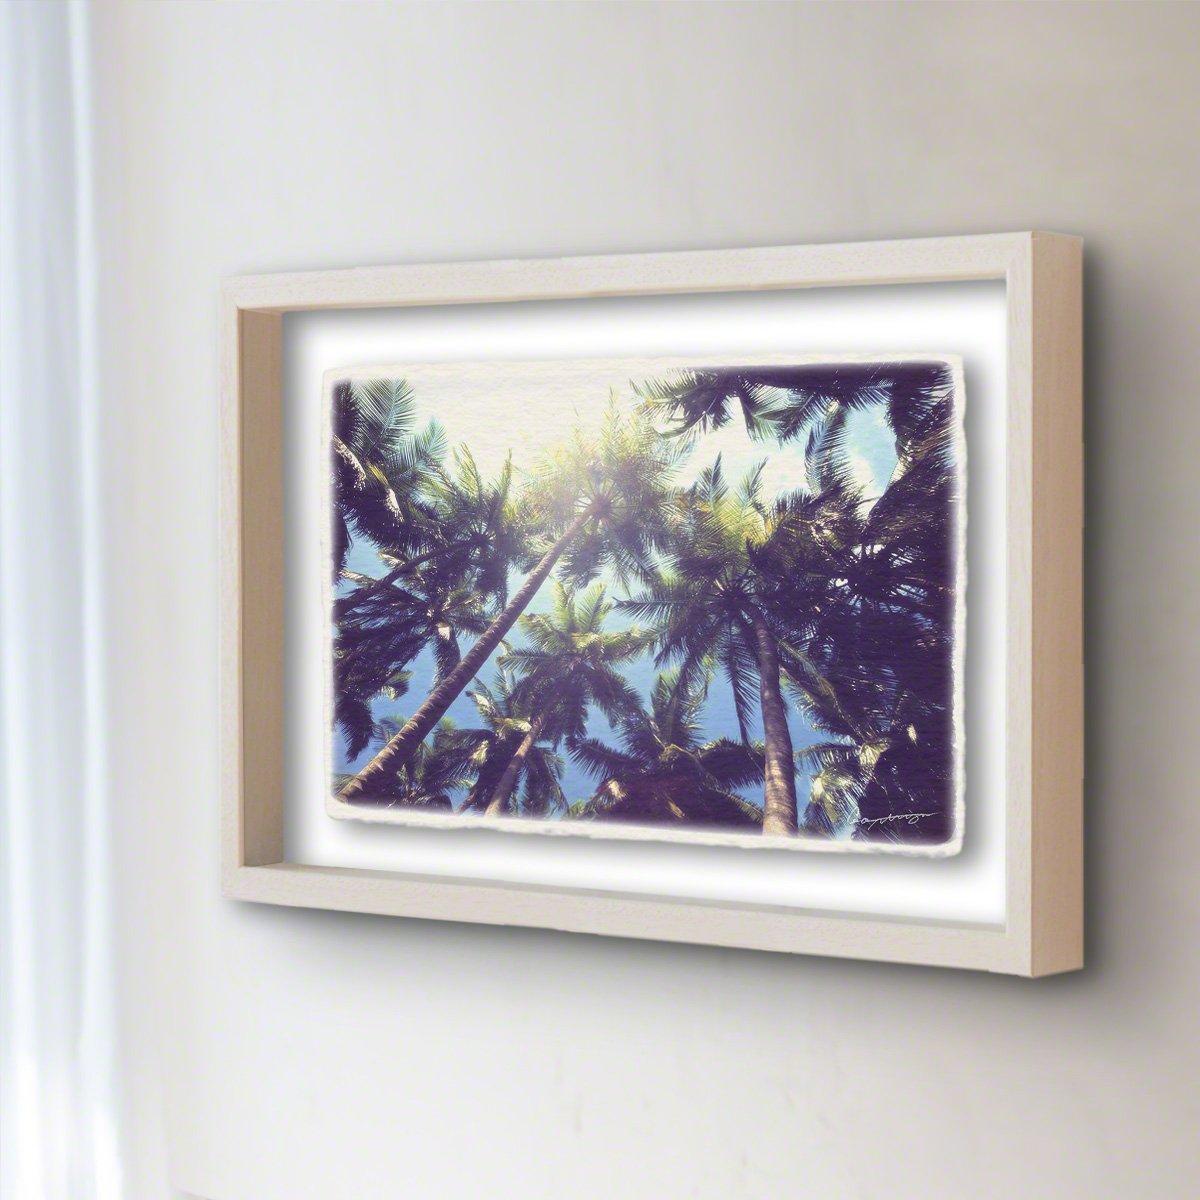 和紙 アートフレーム 「青空と太陽とヤシの木」 (32x26cm) 絵 絵画 壁掛け 壁飾り 額縁 インテリア アート B07BKQQPN4 22.アートフレーム(長辺32cm) 14800円|青空と太陽とヤシの木 青空と太陽とヤシの木 22.アートフレーム(長辺32cm) 14800円